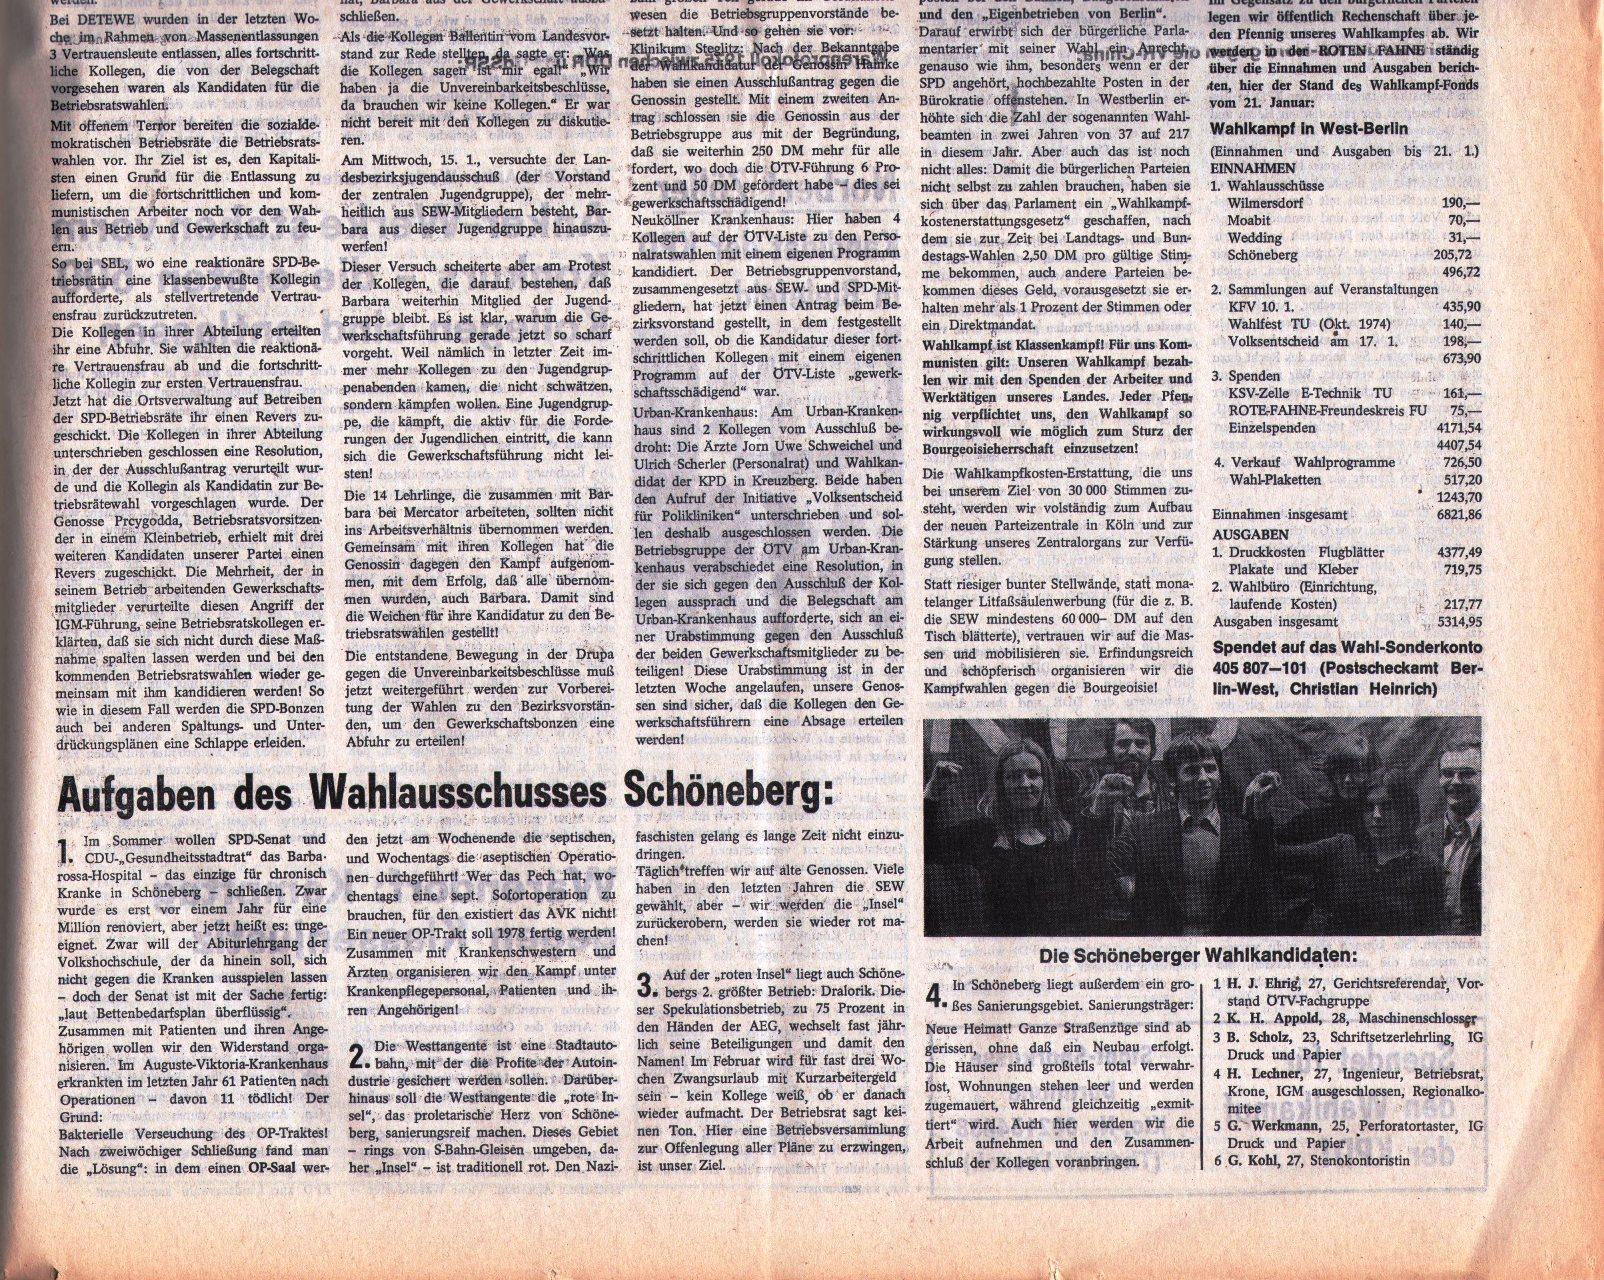 KPD_Rote_Fahne_1975_05_14